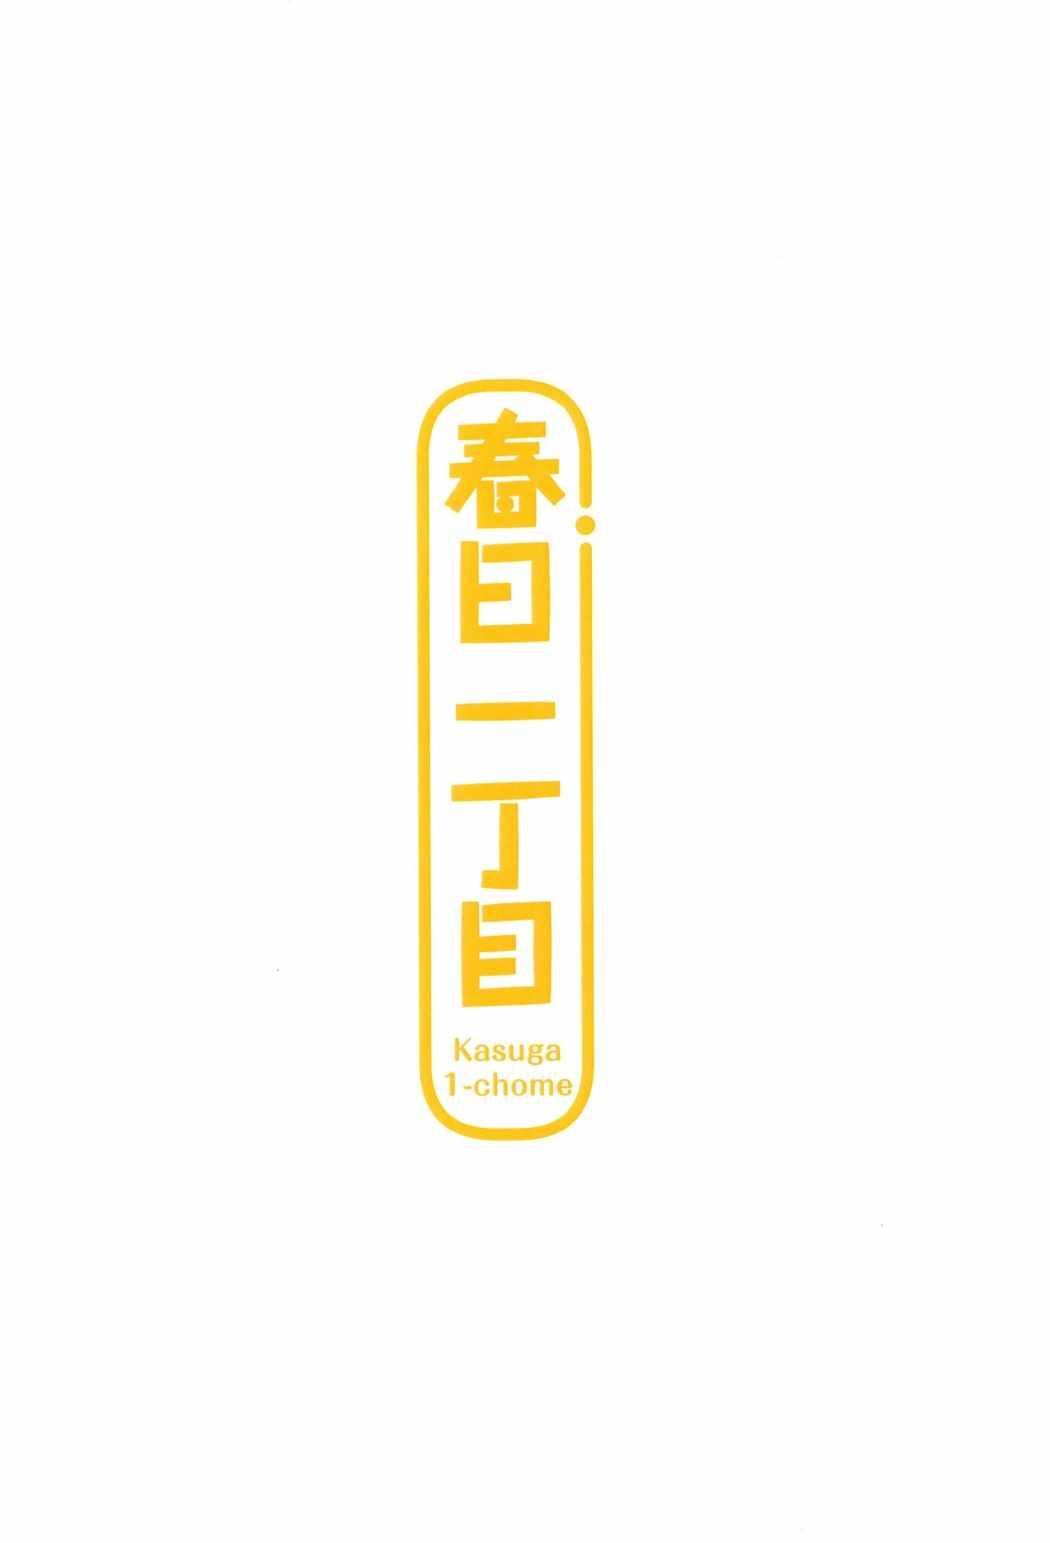 (C91) [Kasuga 1-chome (Kasugai)] Megumin (Kawaii) | Megumin (Cute) (Kono Subarashii Sekai ni Syukufuku o!) [English] [Juster] 17